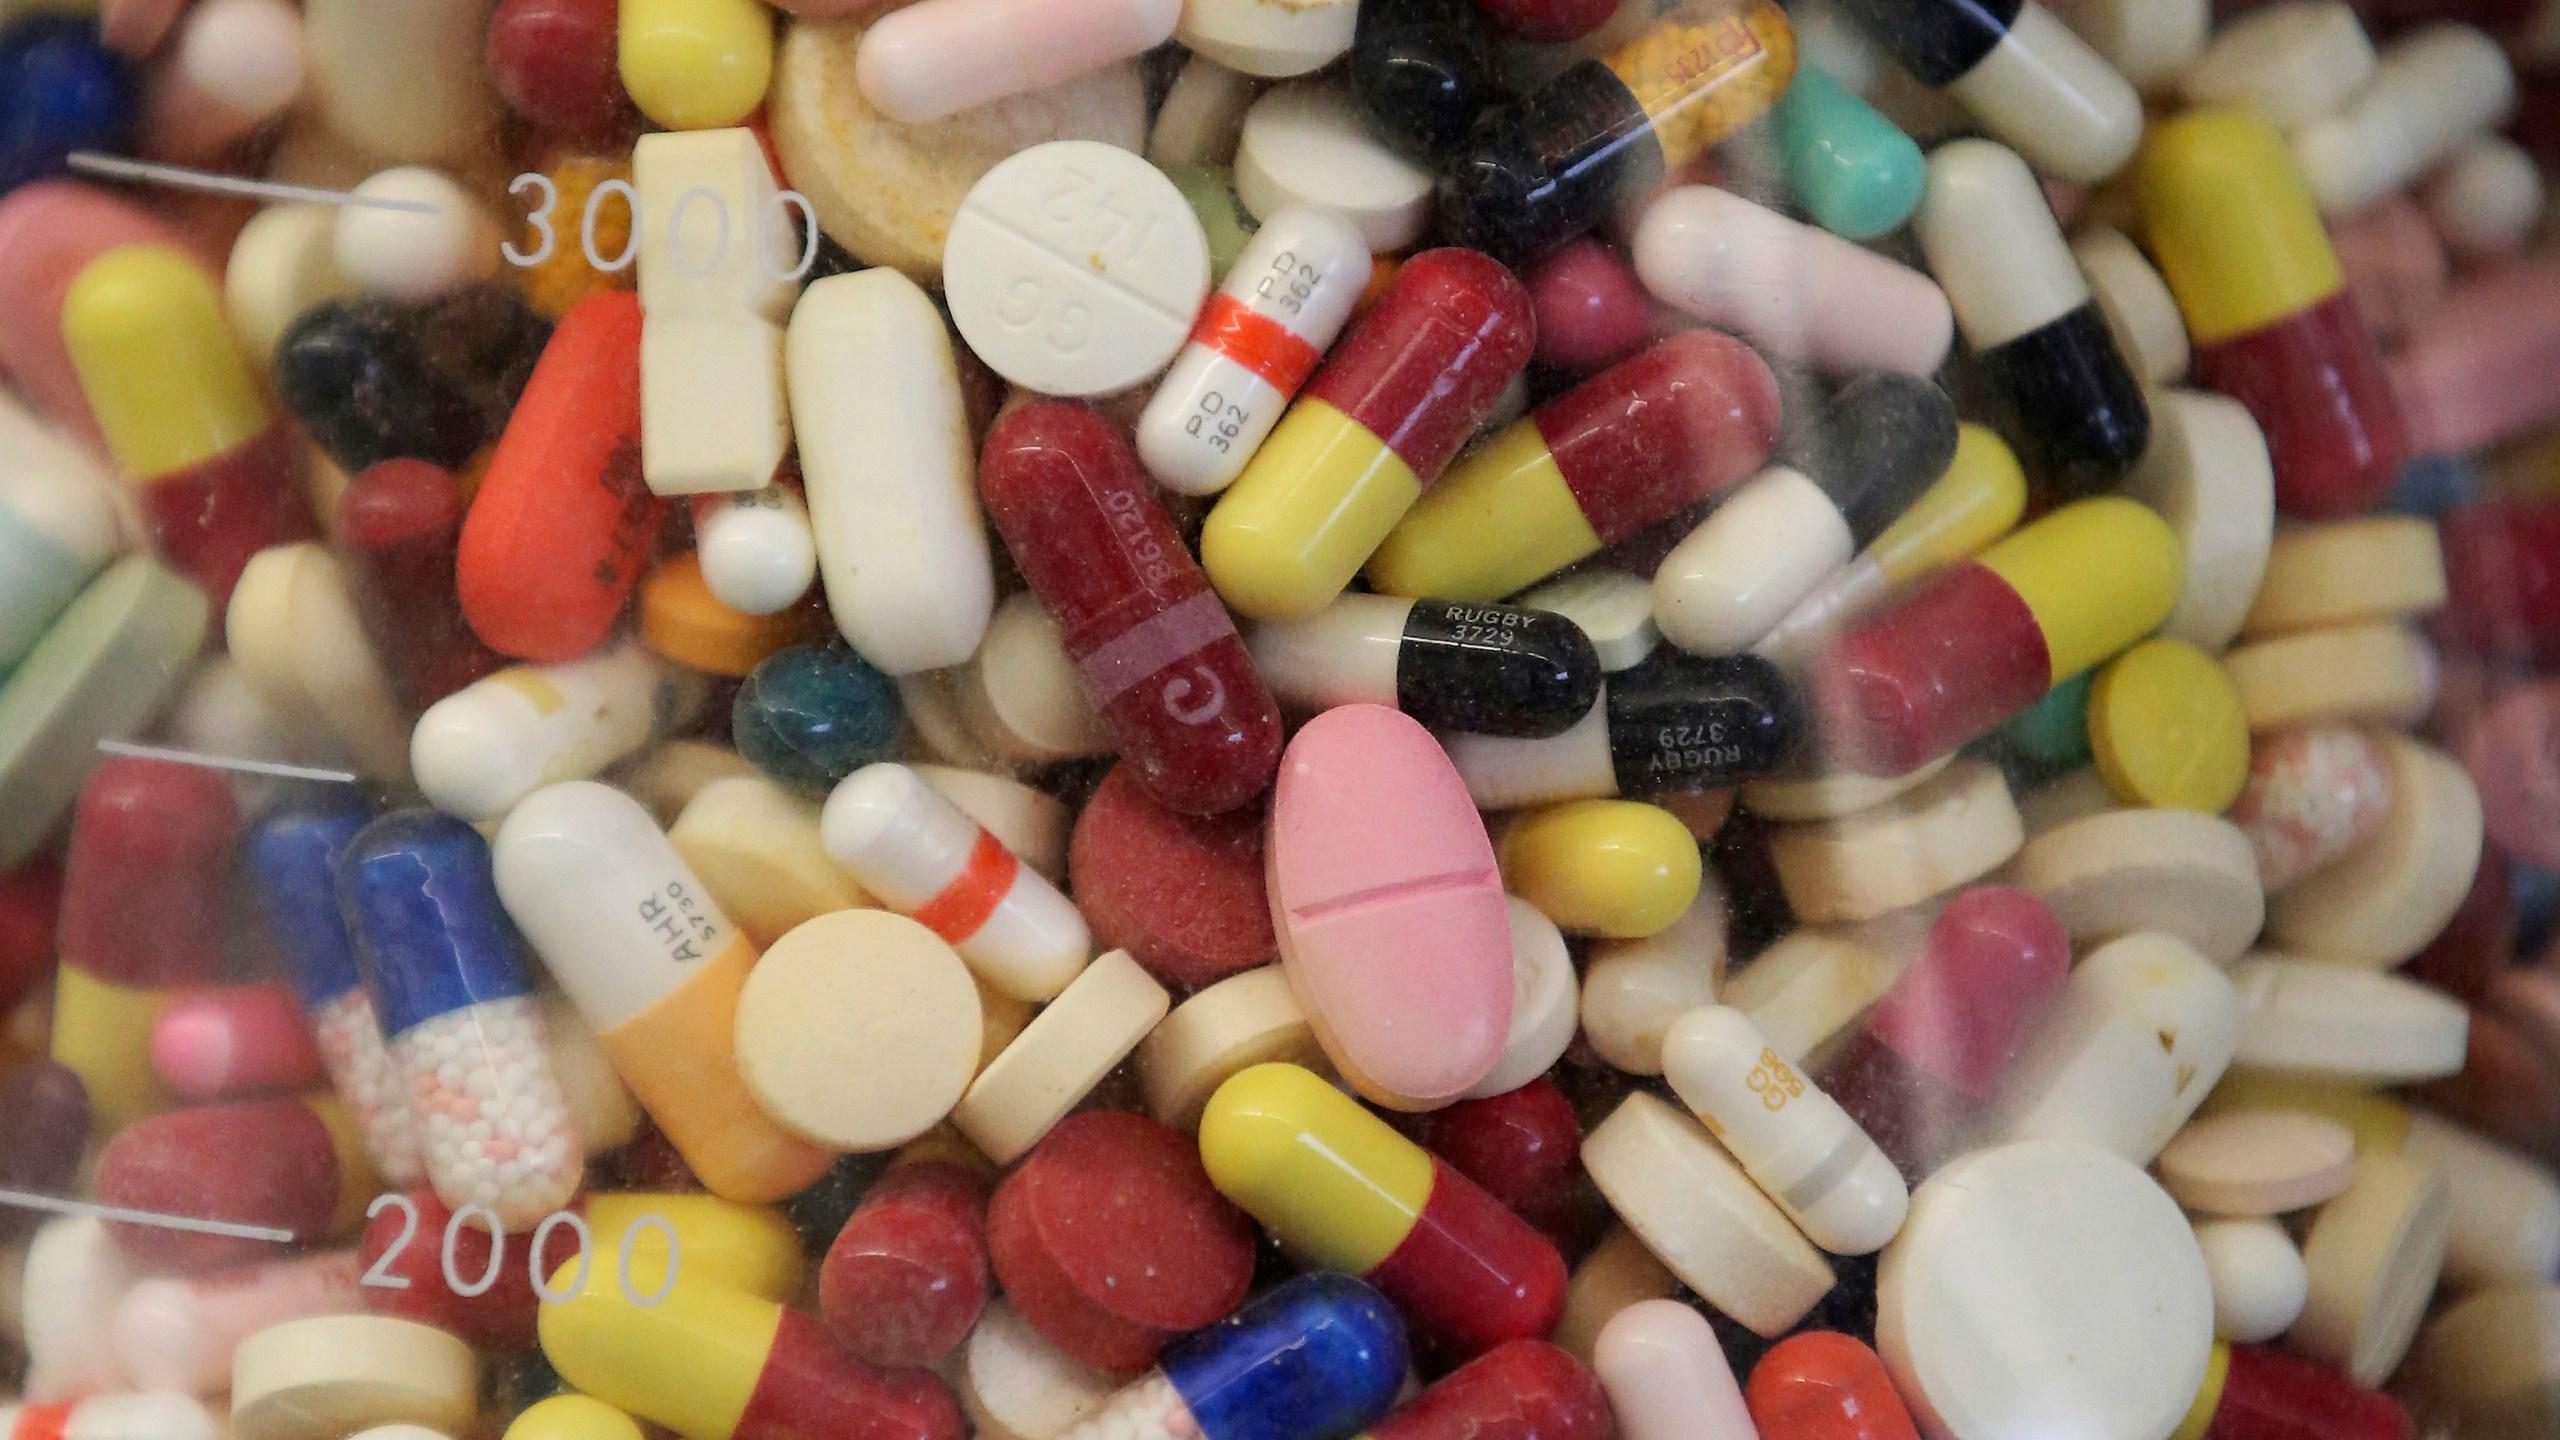 Generic_Drugs_Lawsuit_14586-159532.jpg31764656